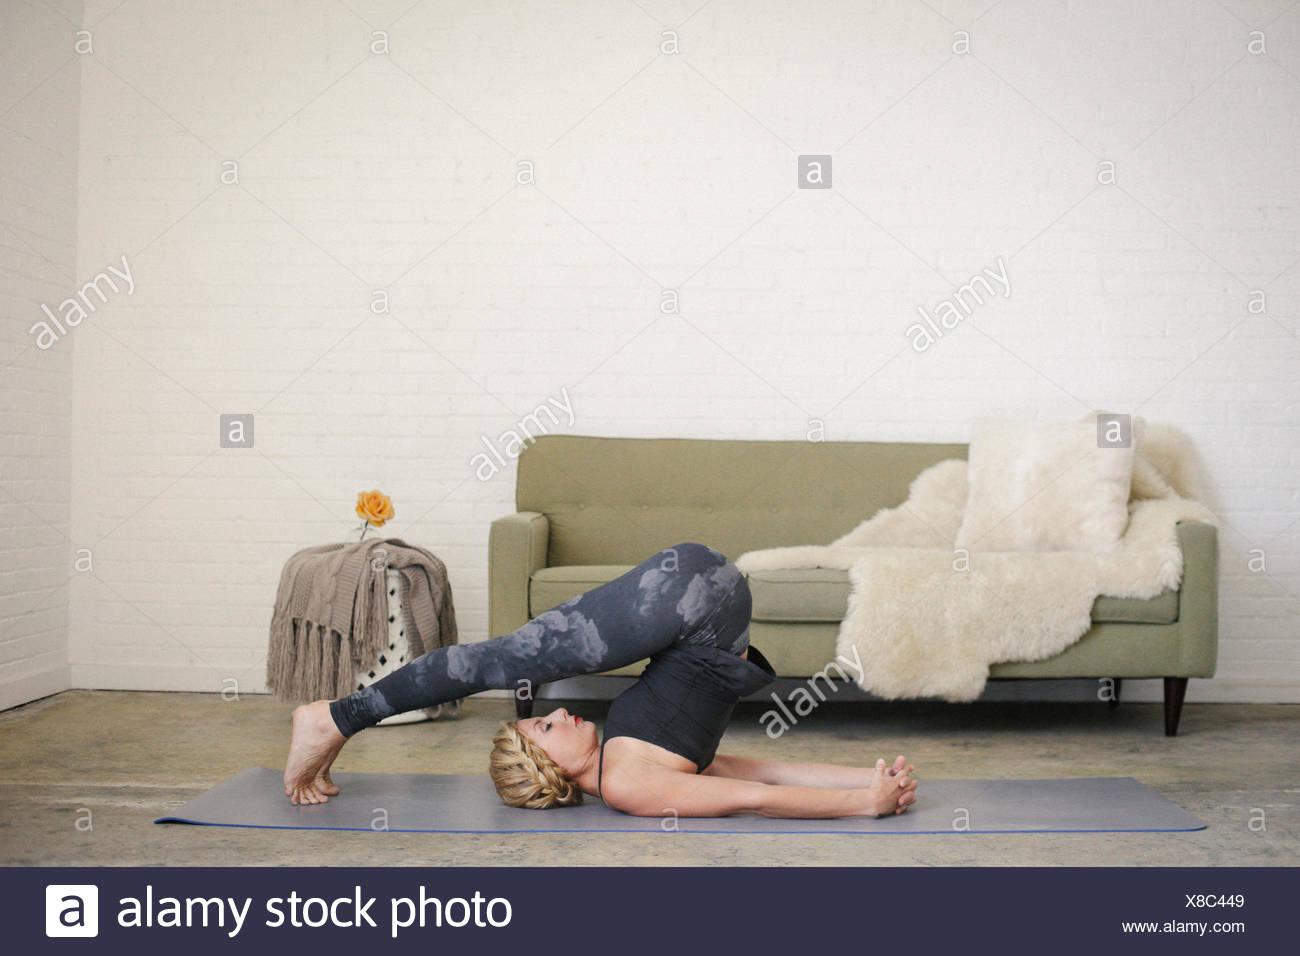 Una mujer rubia en un leotard negro y polainas, acostado sobre una estera del yoga en una habitación, hacer yoga, las piernas dobladas encima de su cabeza. Imagen De Stock